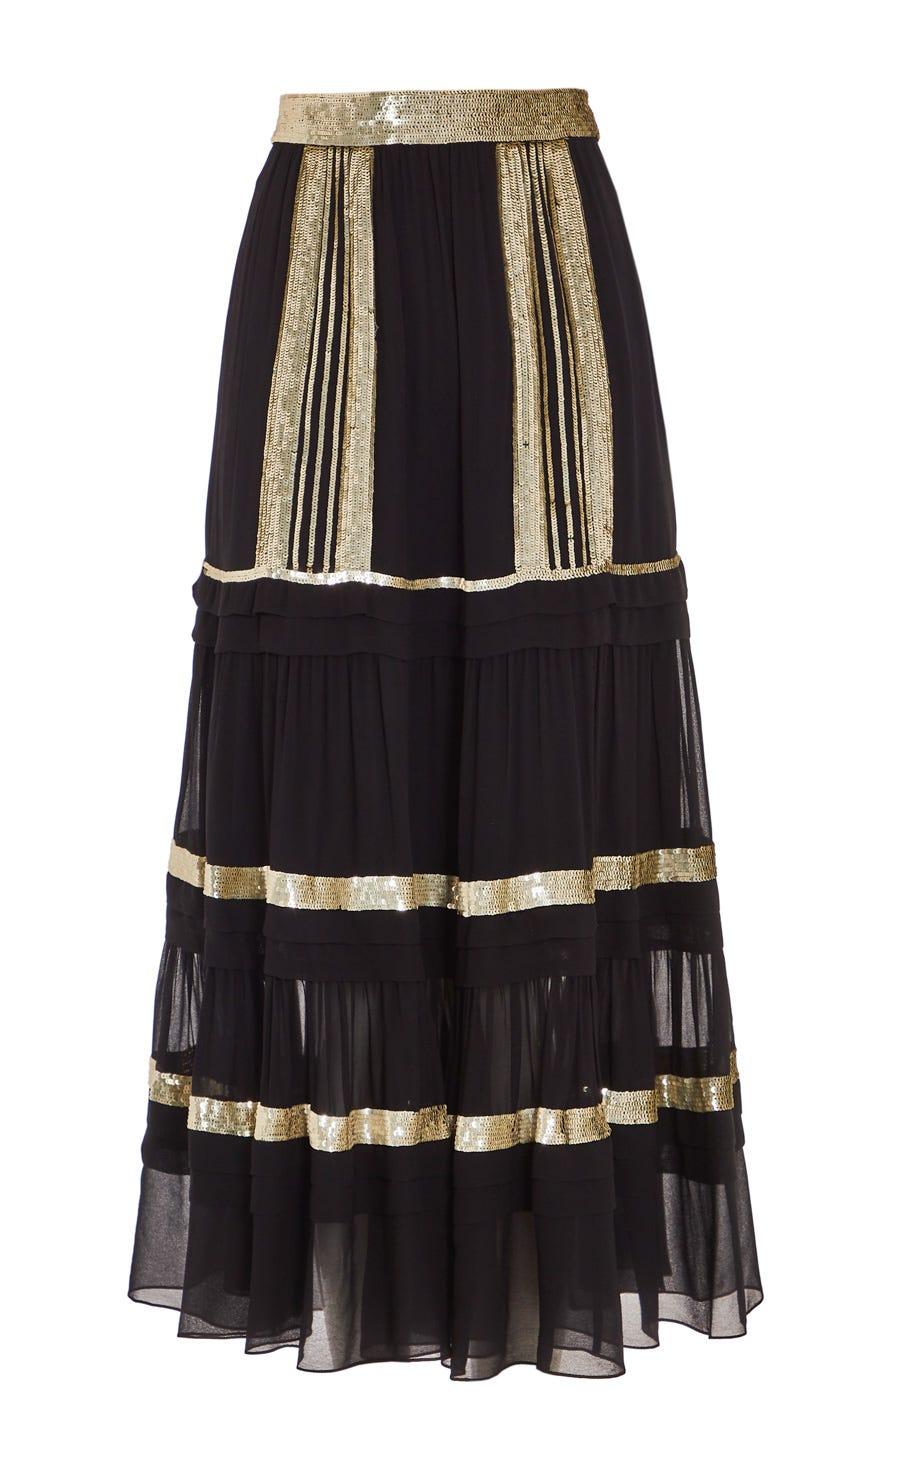 Sable Skirt